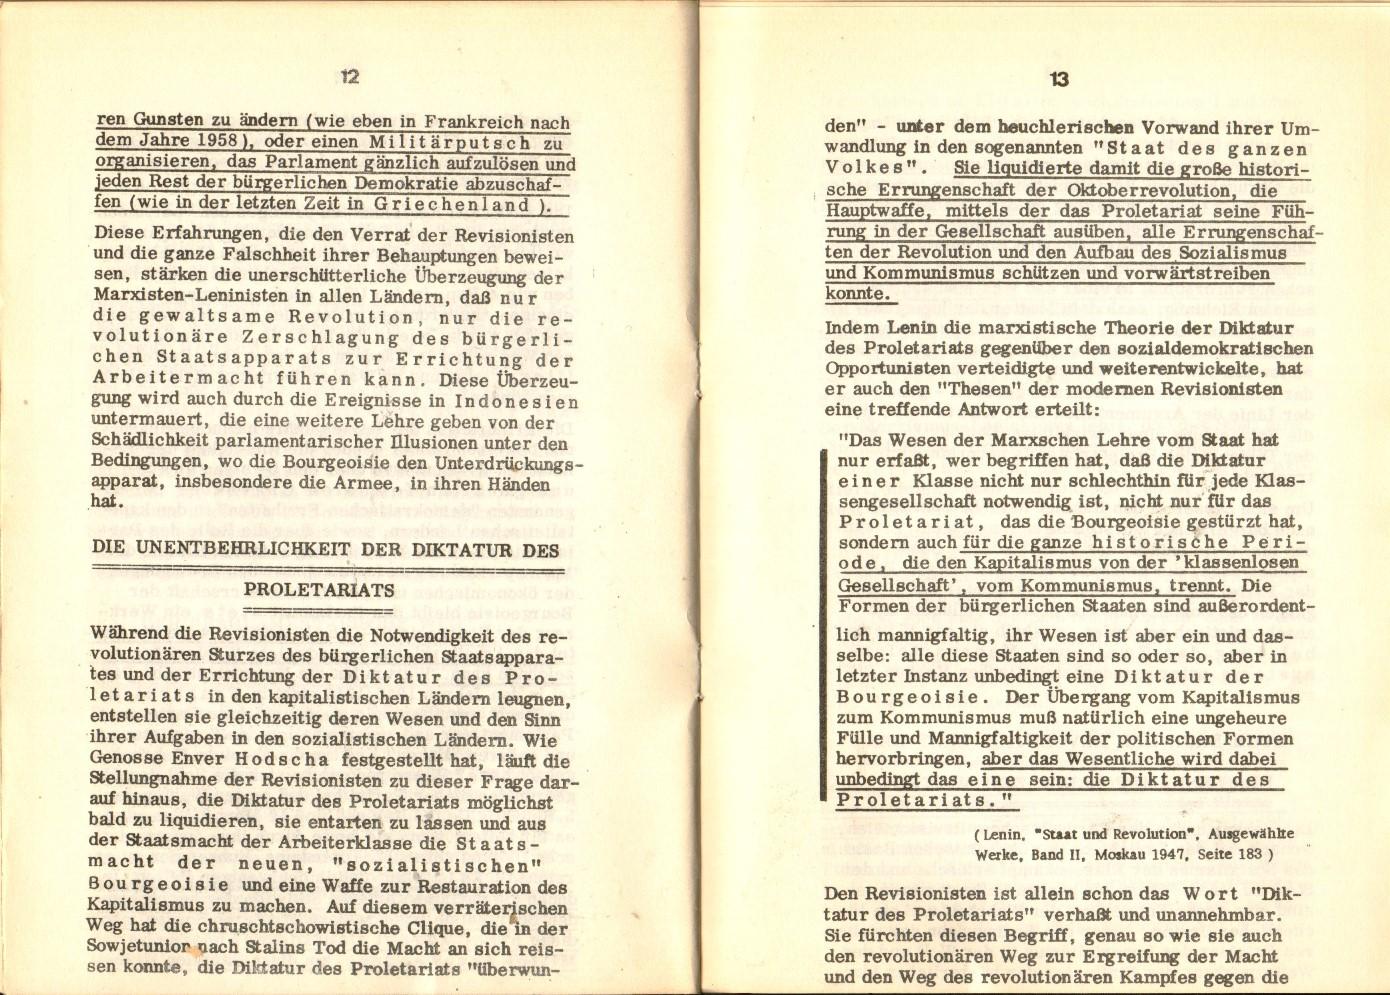 KPDML_1970_Lehre_ueber_Staat_und_Revolution_08